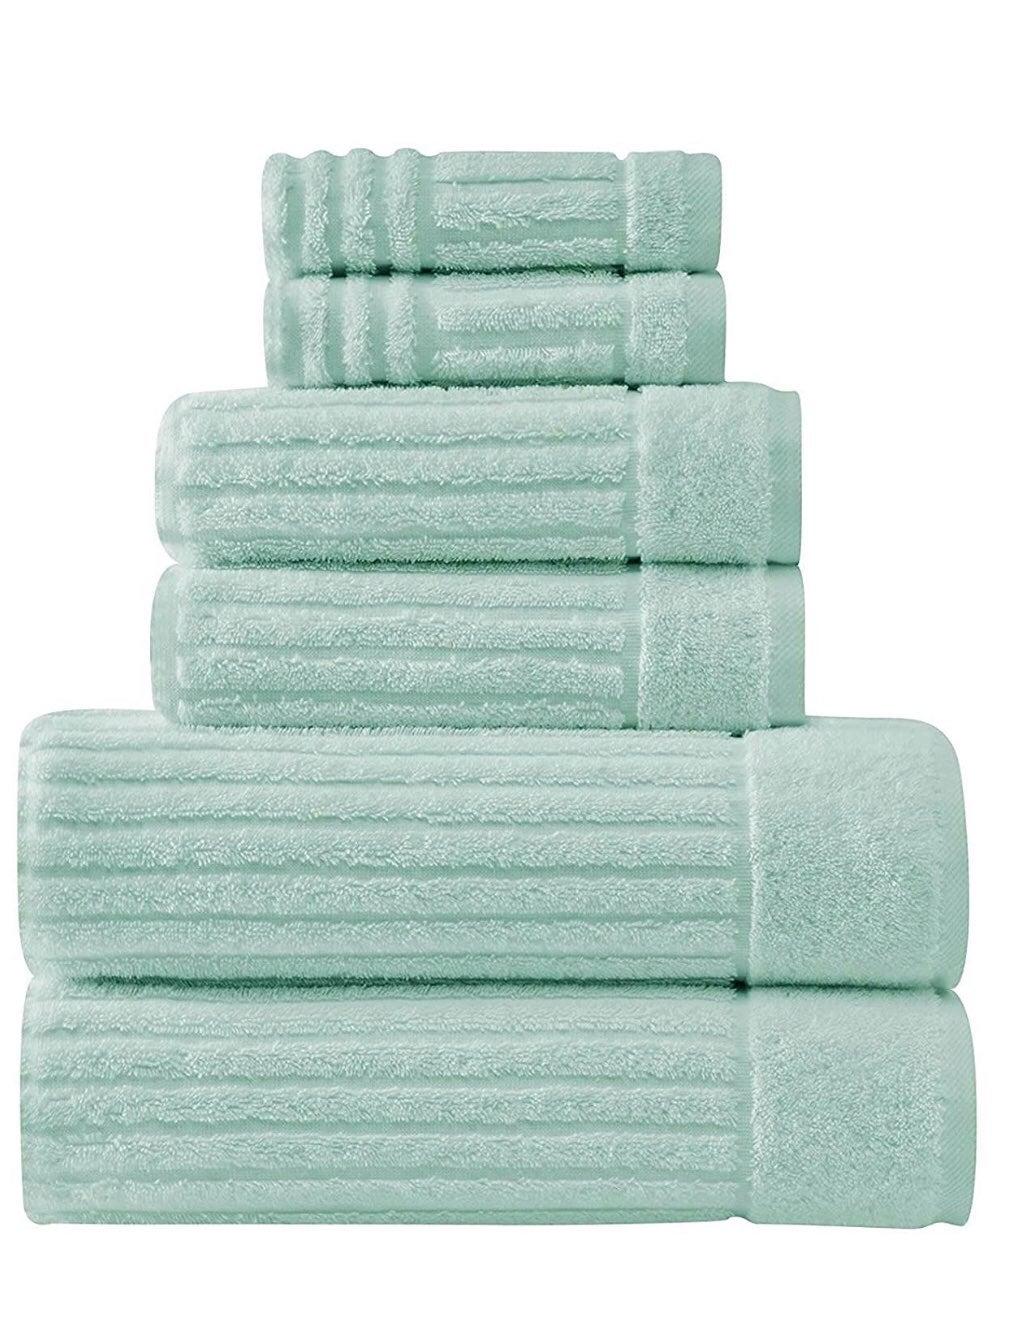 6 pcs Bath towel set in seafoam color